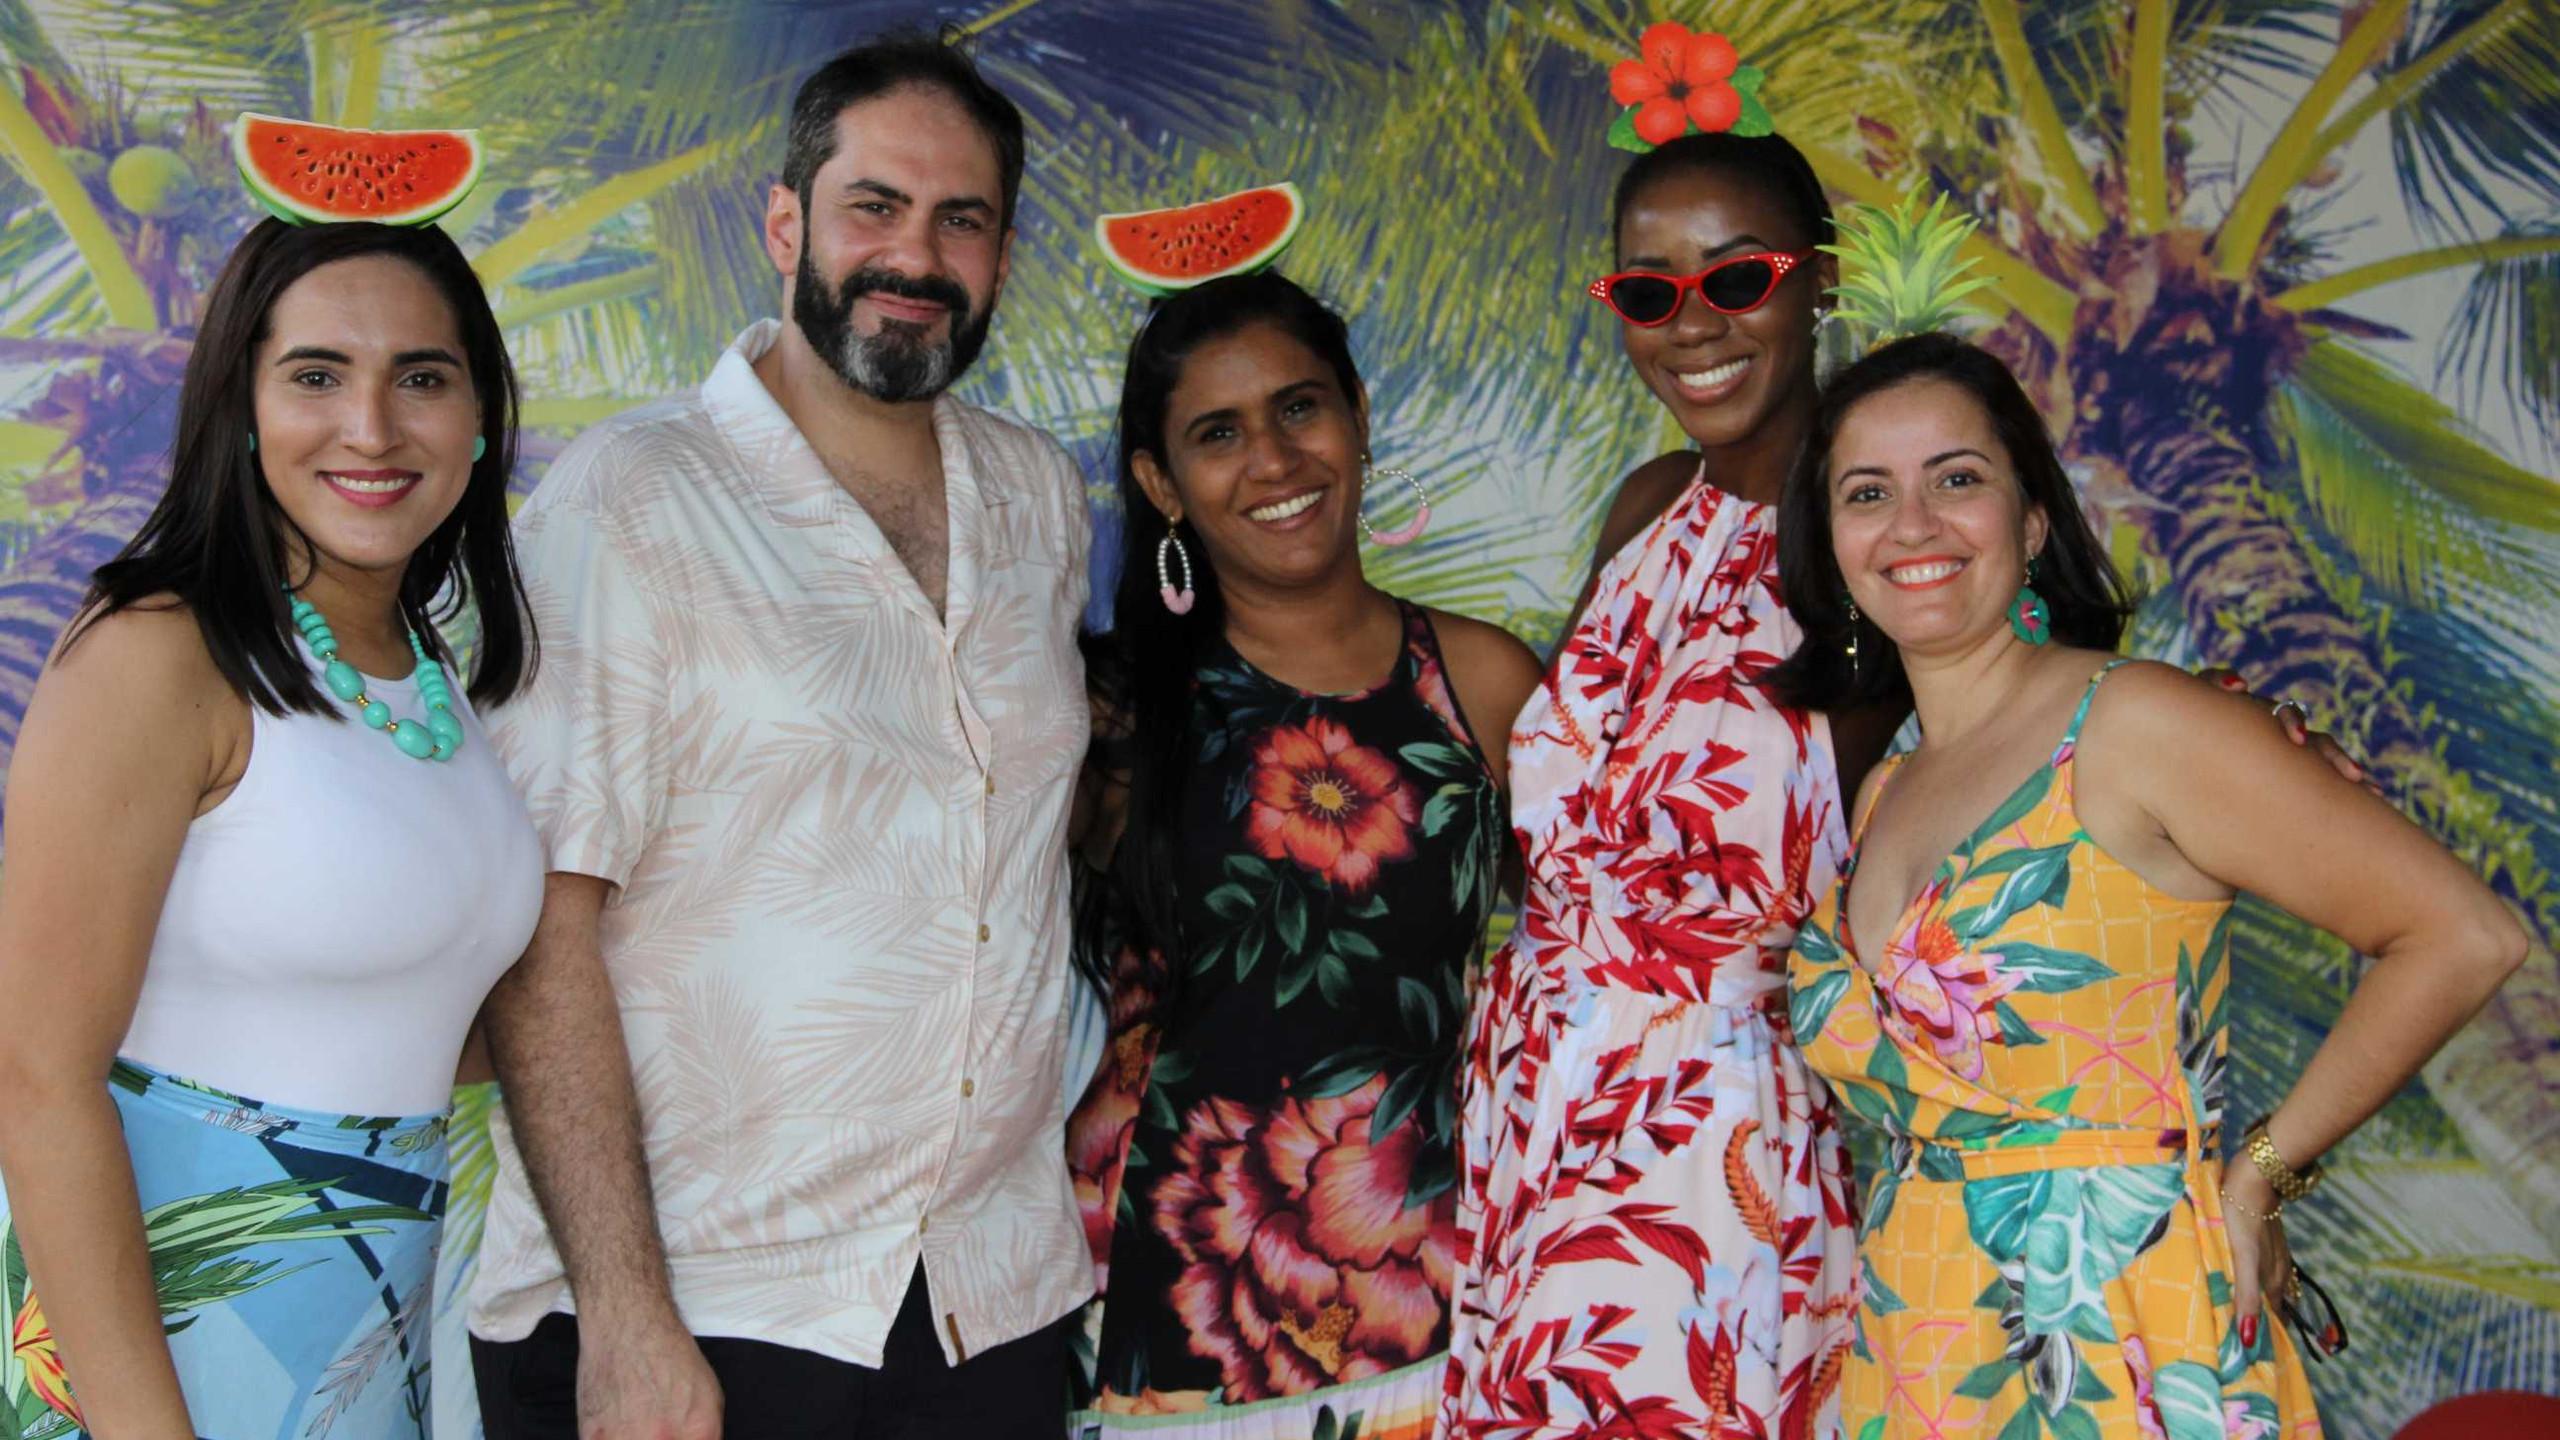 Equipe líder da TVN: Fernanda Cunha, Jefferson Bandeira, Walkíria Pinto, Fernanda Oliveira e Flávia Pessoa.